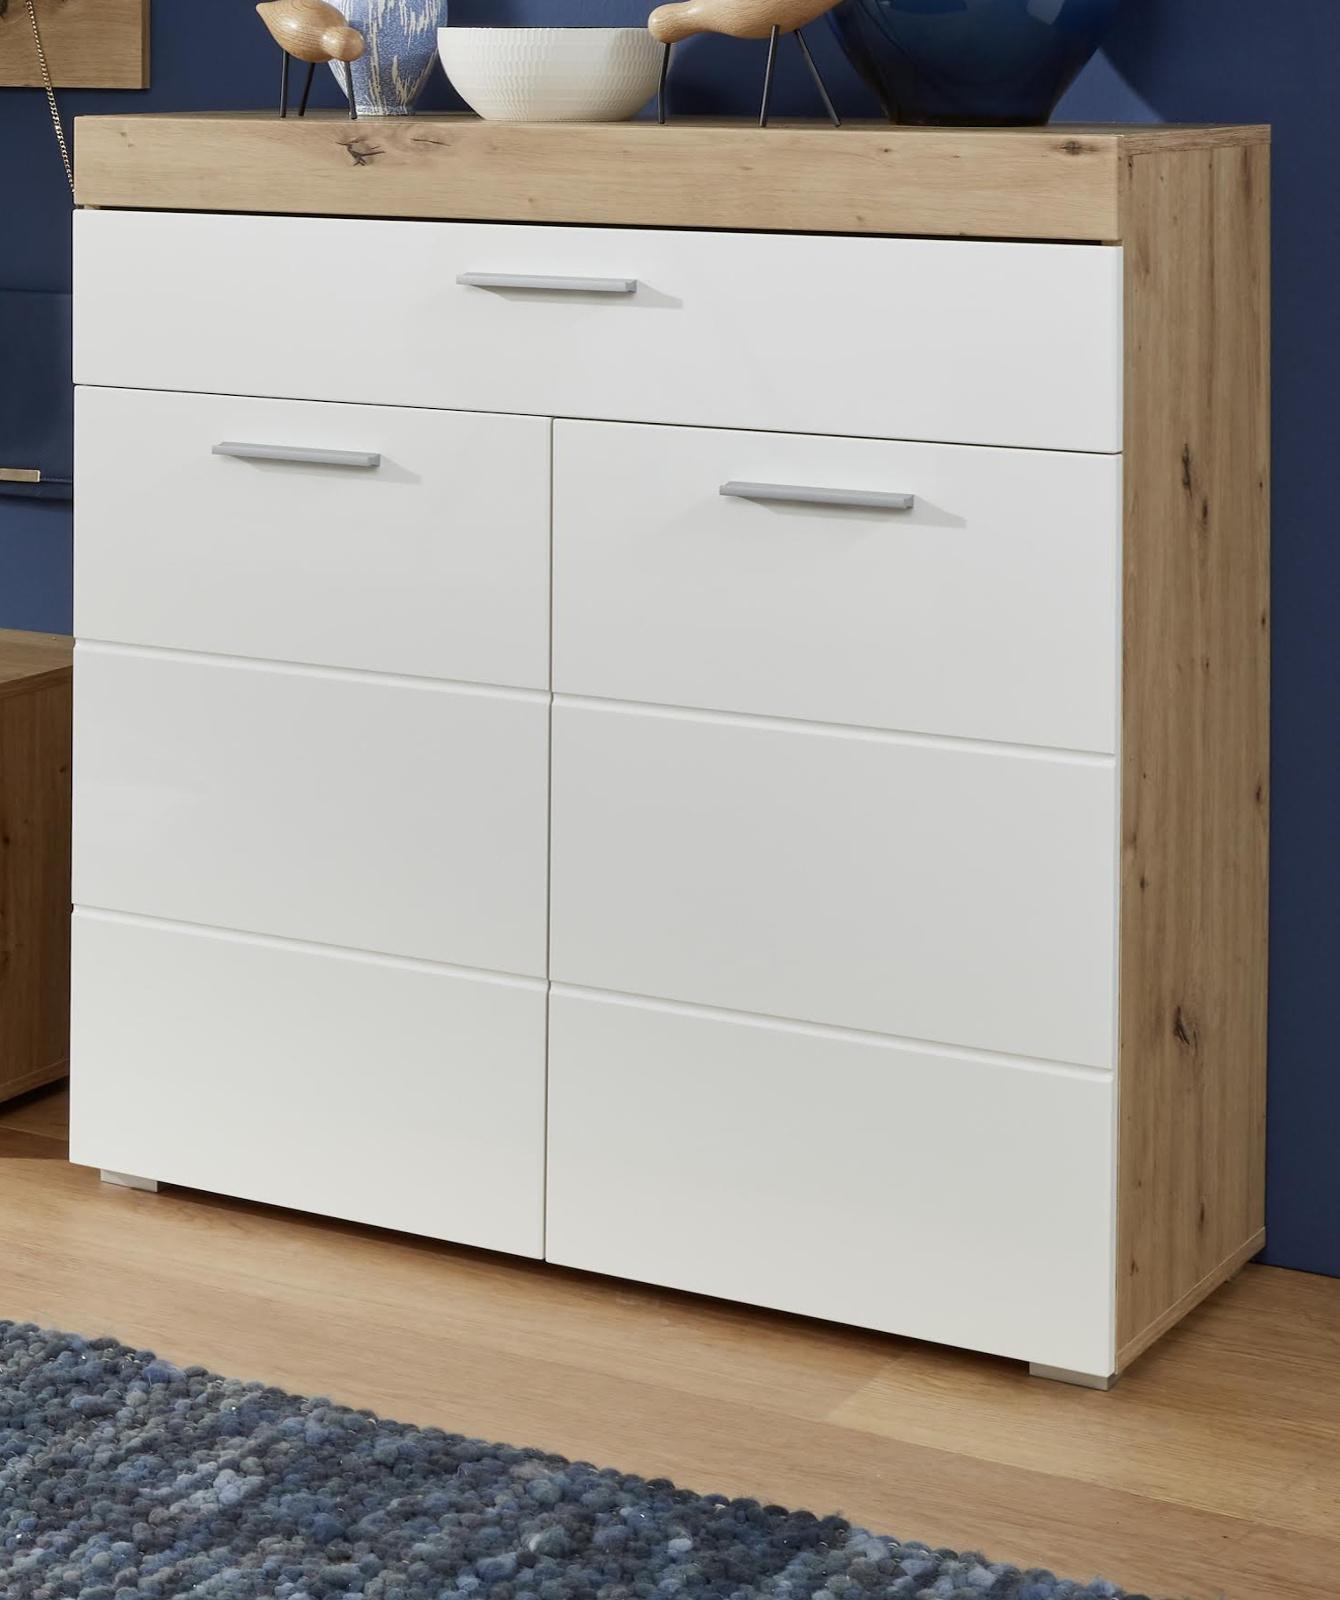 Ikea Unterschrank Küche Faktum ~ Kleiderschrank Drehtürenschrank Schrank weiß Gerona  eBay